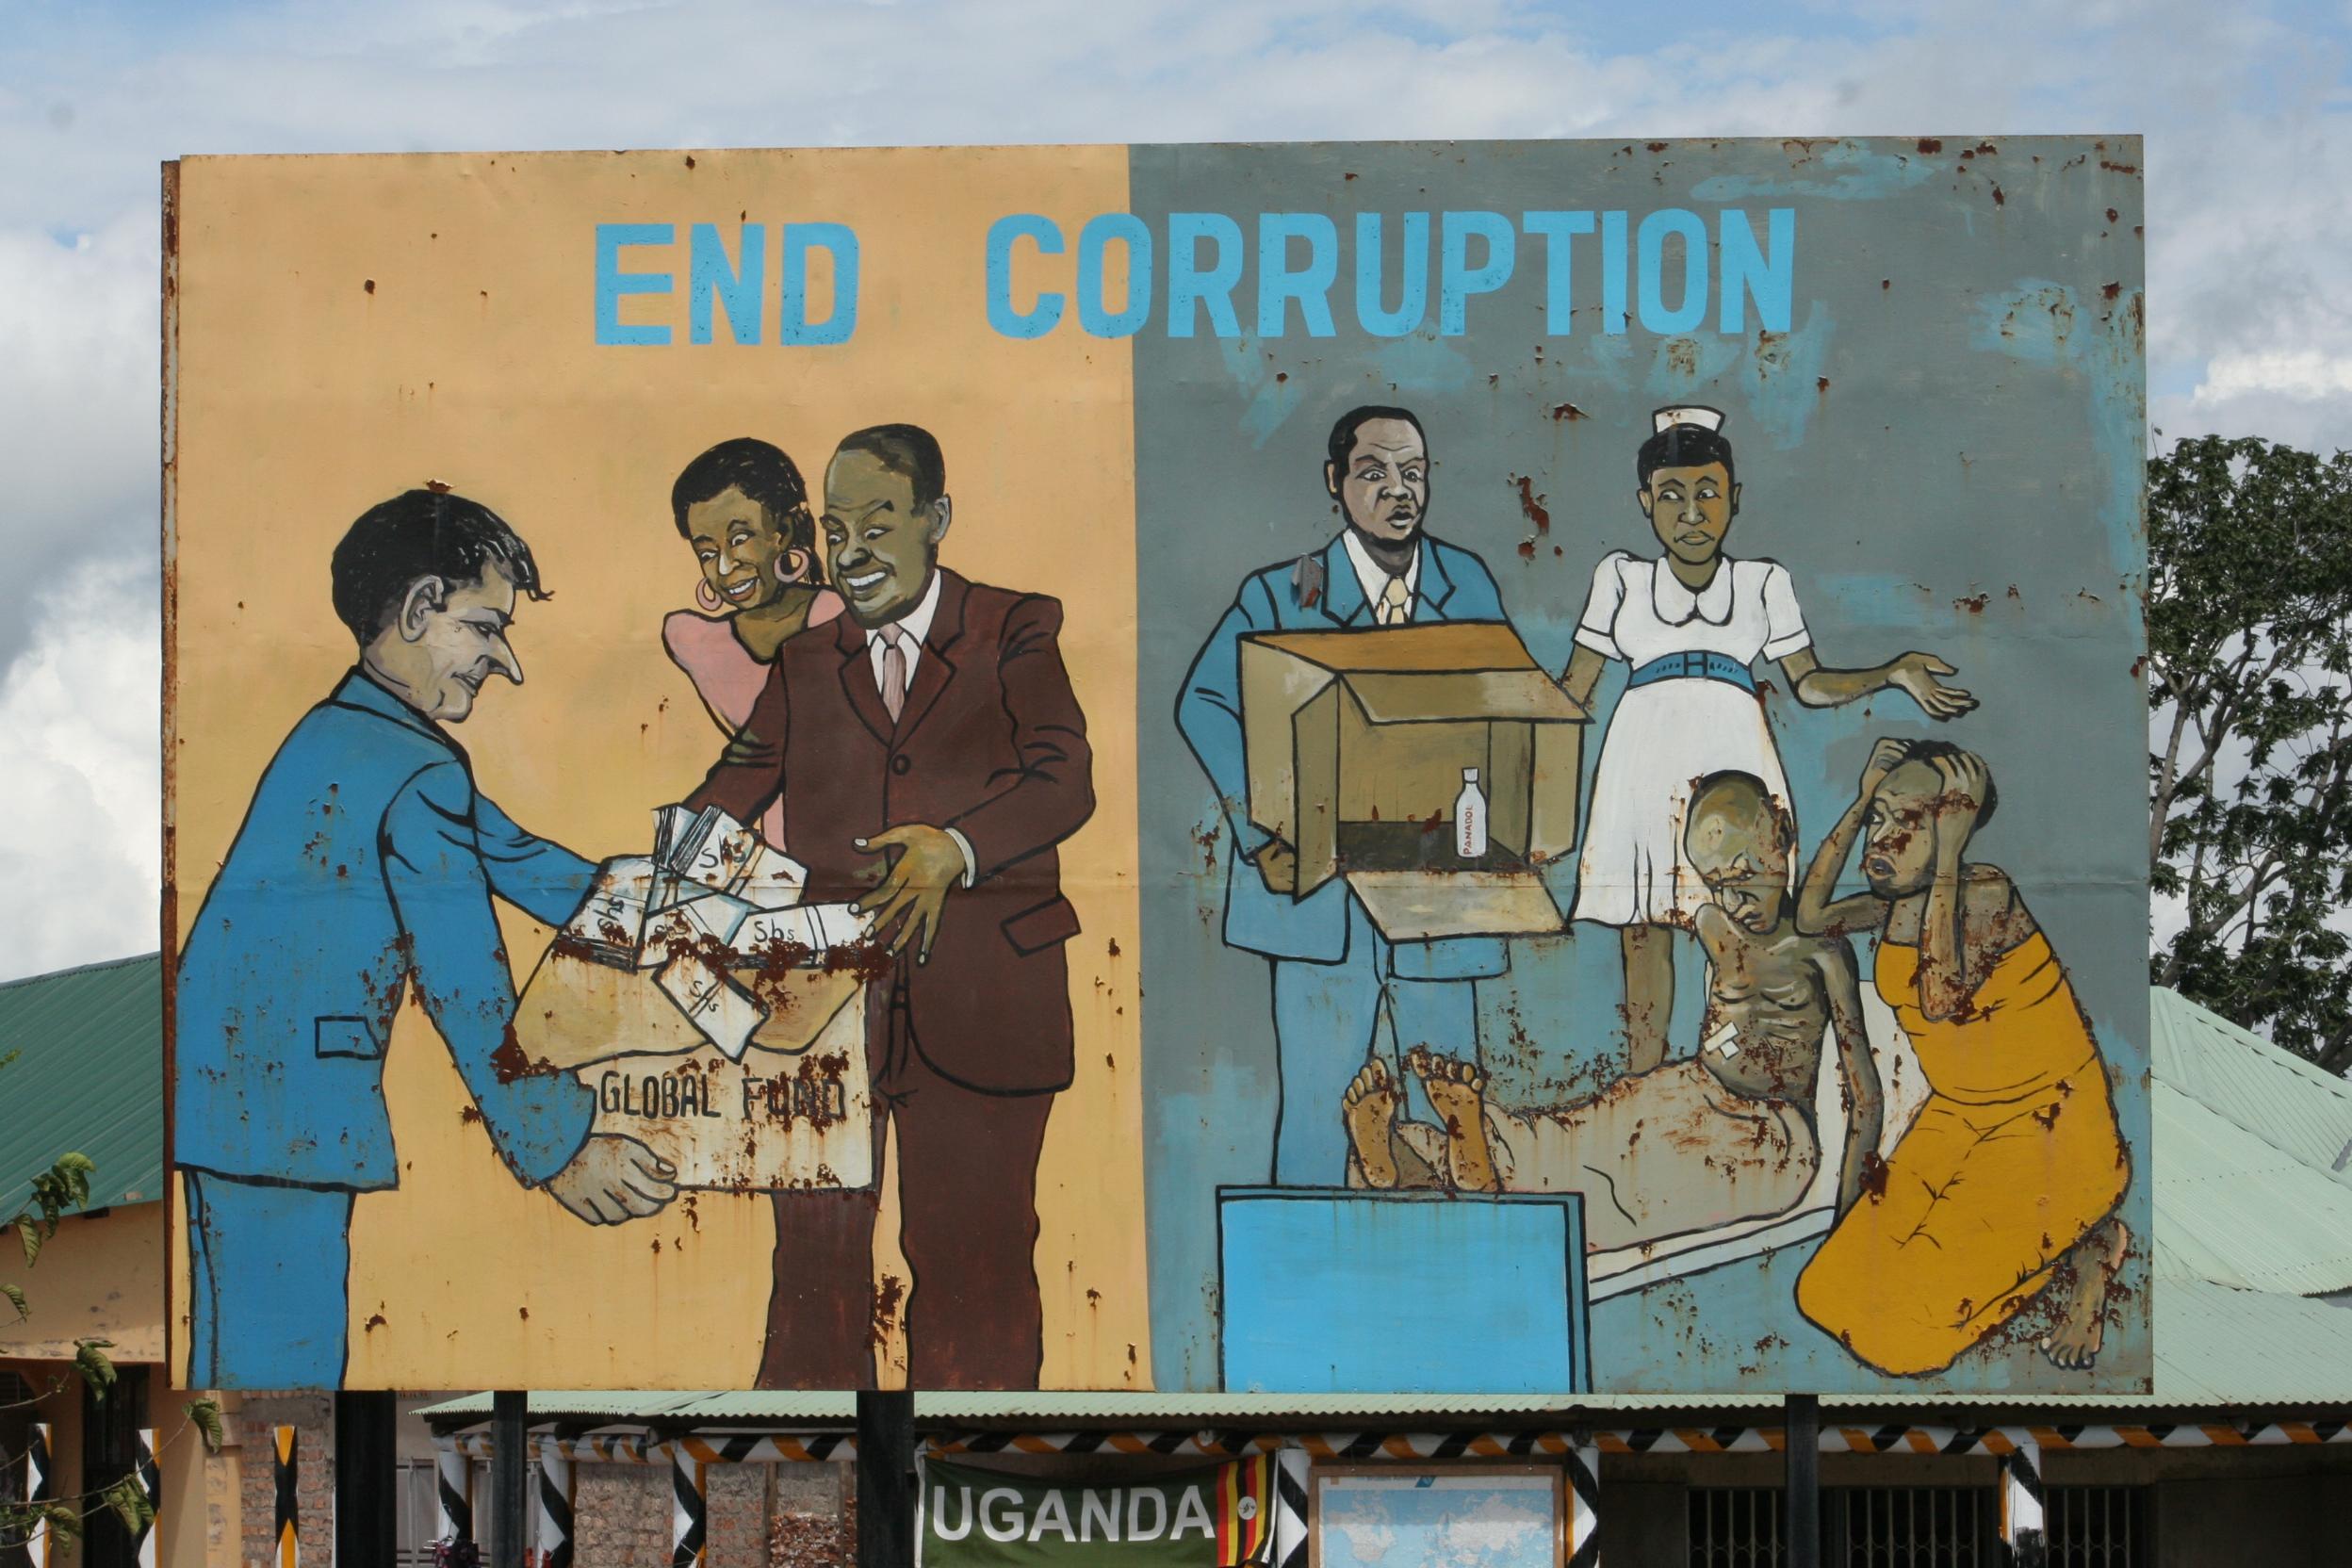 Uganda anti-corruption billboard